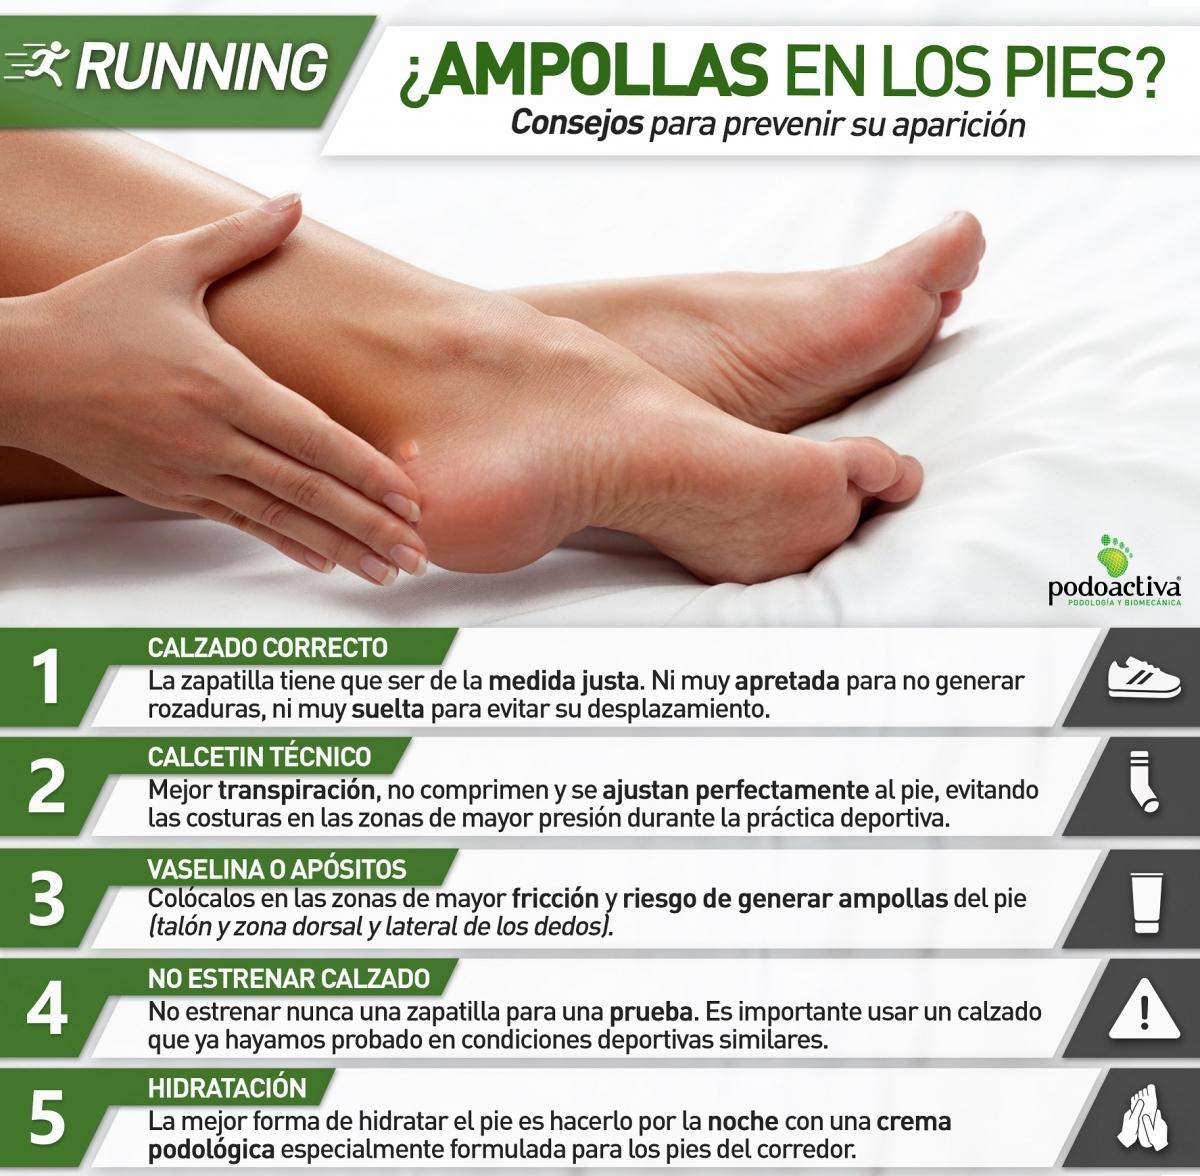 Photo of Cómo prevenir y tratar las ampollas en los pies de los corredores